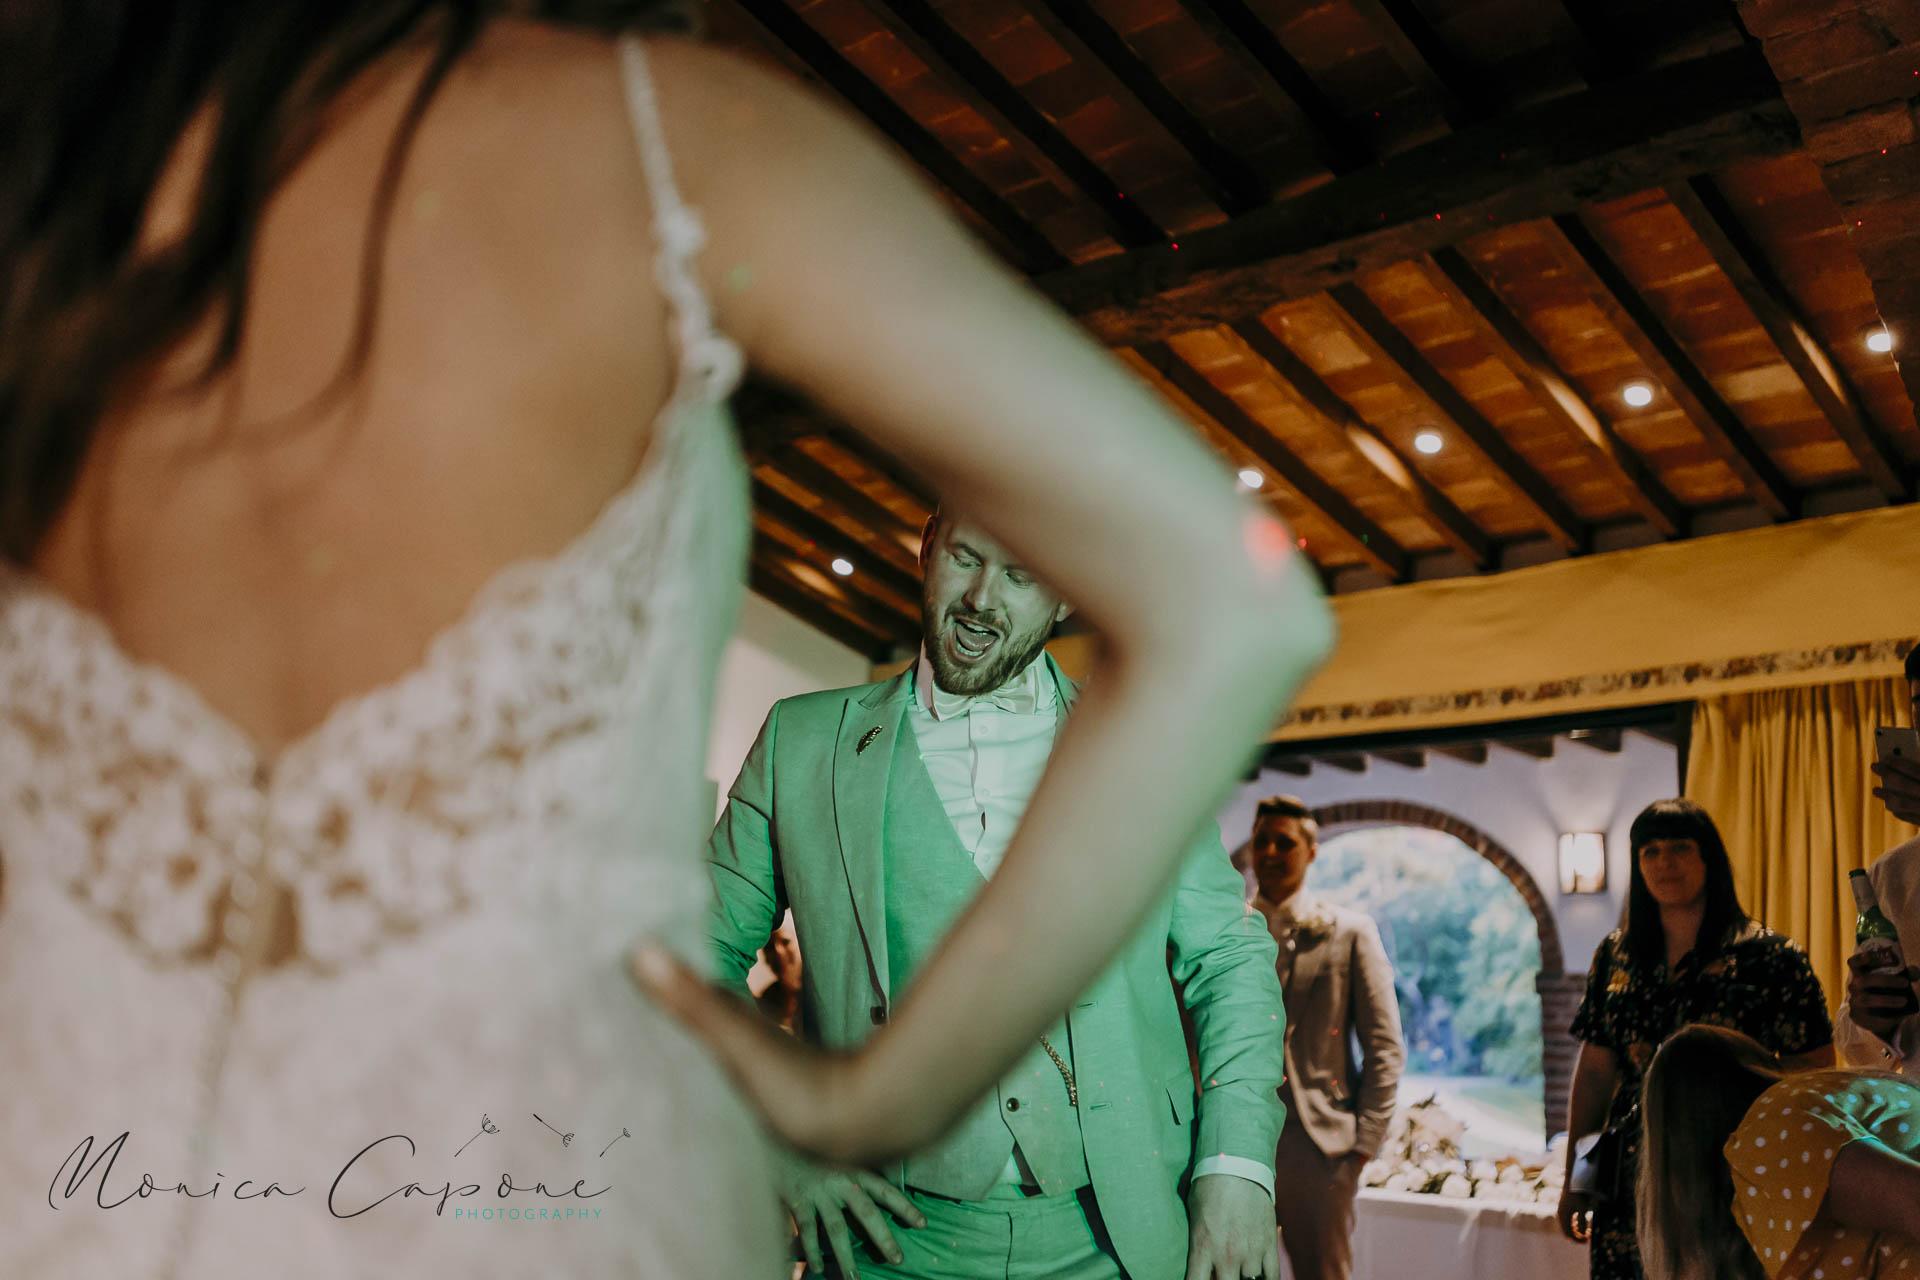 prezzi-servizio-fotografico-matrimonio-firenze